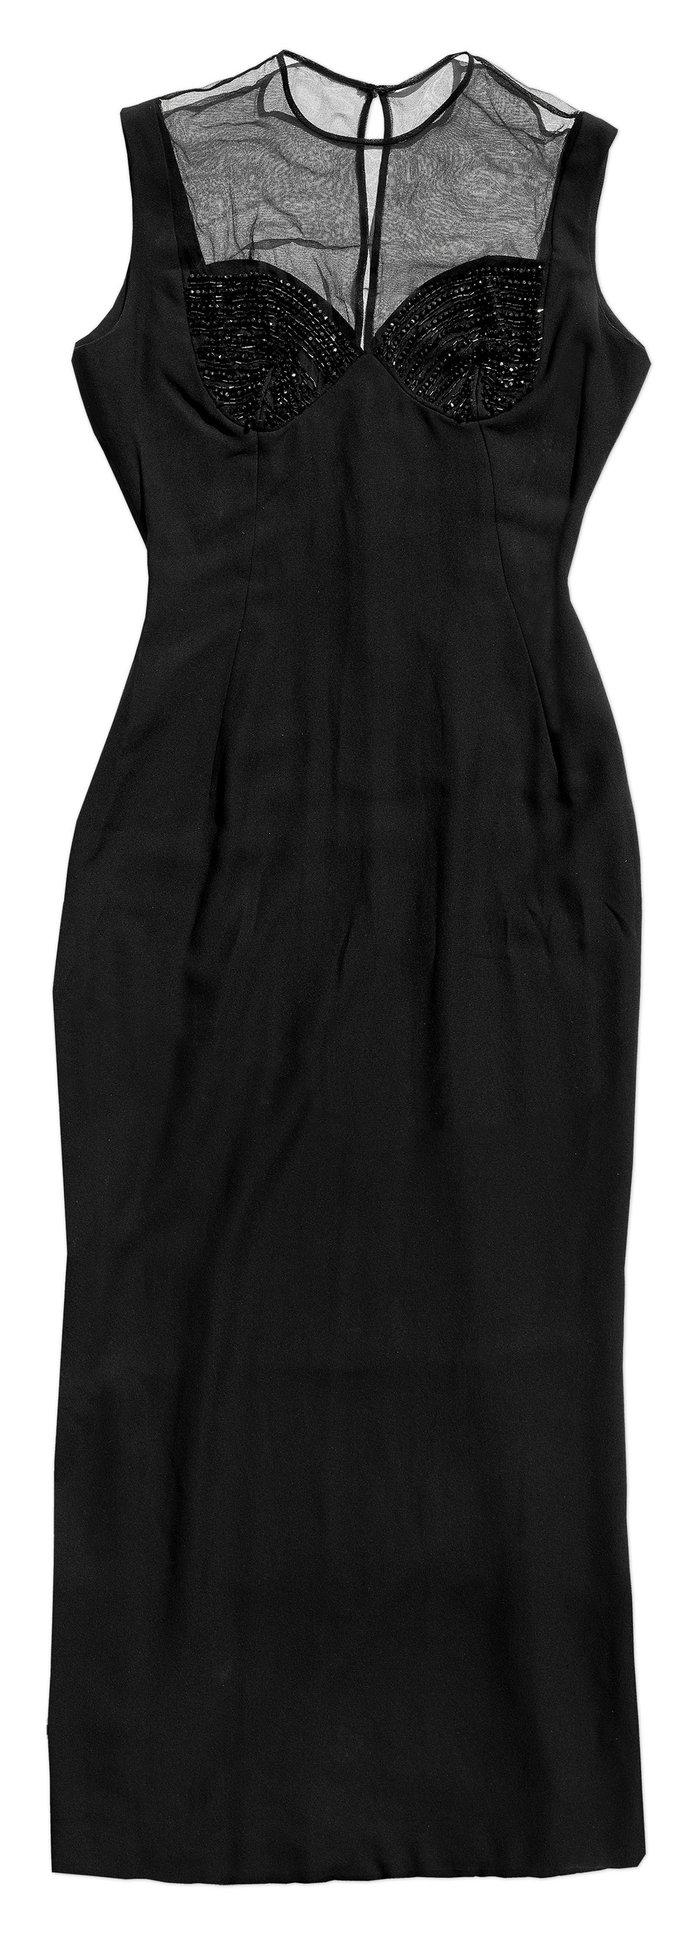 Το φόρεμα που σχεδίασε για τη Μέριλιν Μονρόε